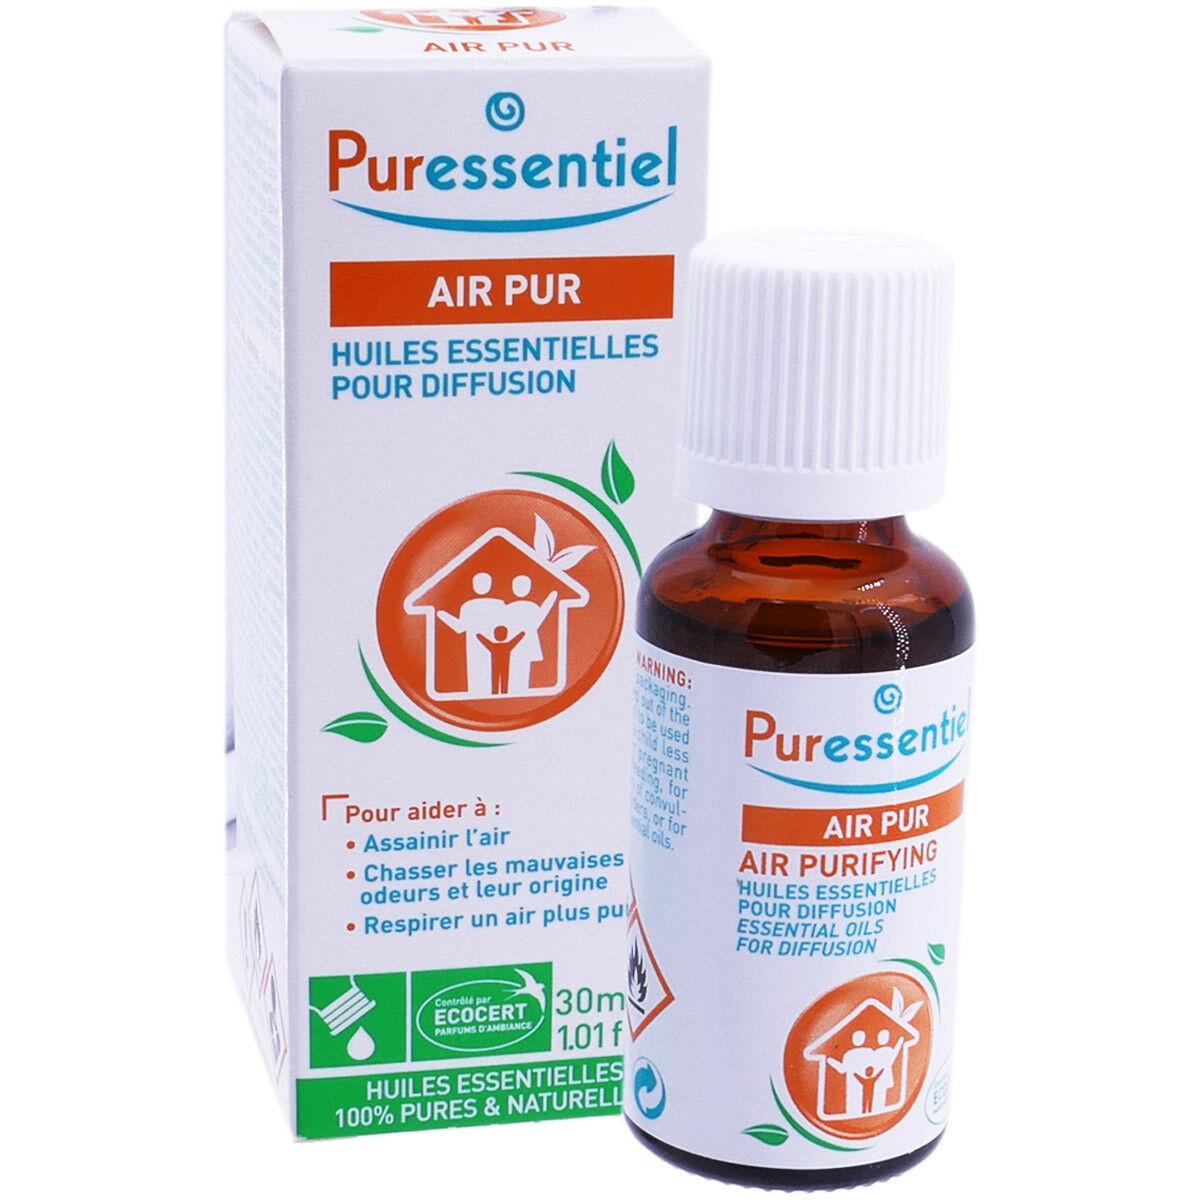 Puressentiel air pur huile essentielle pour diffisuion 30ml